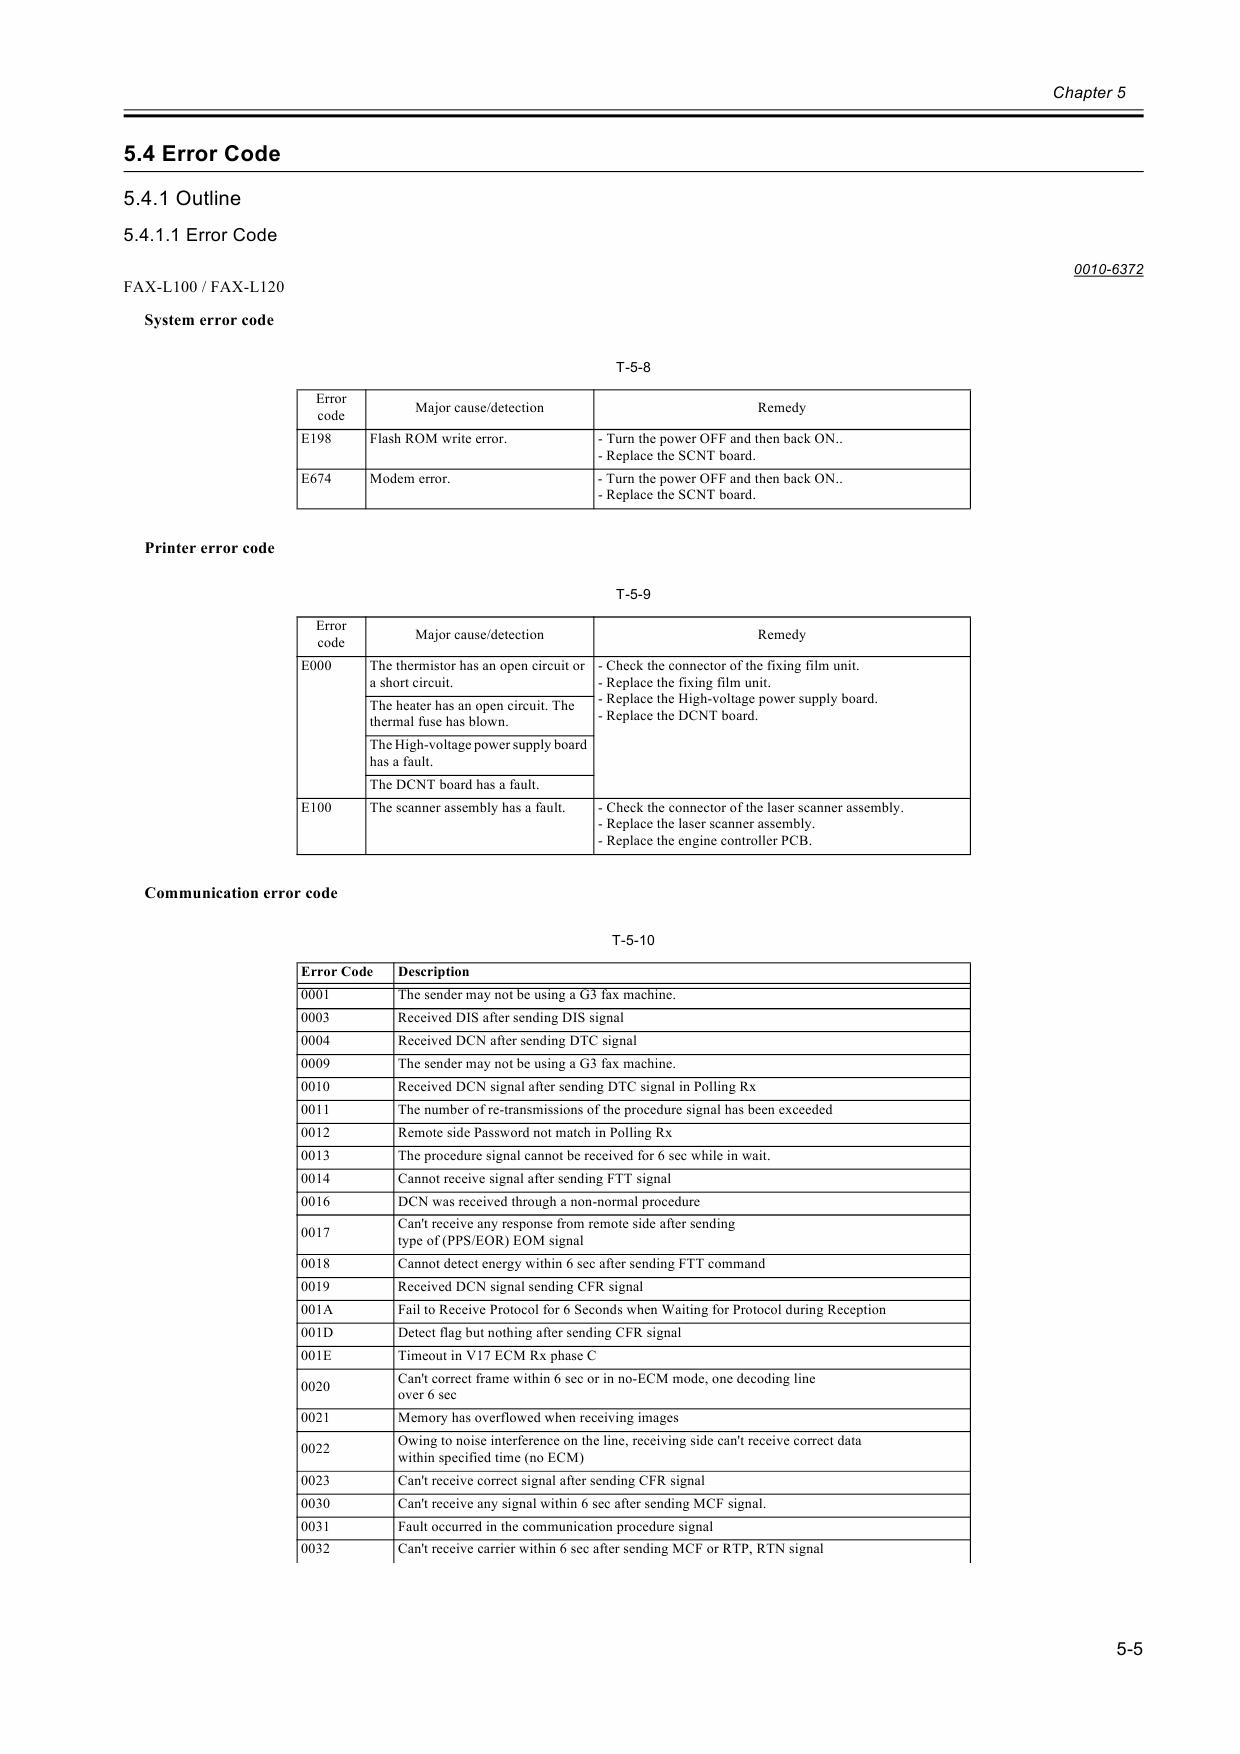 canon fax l100 manual